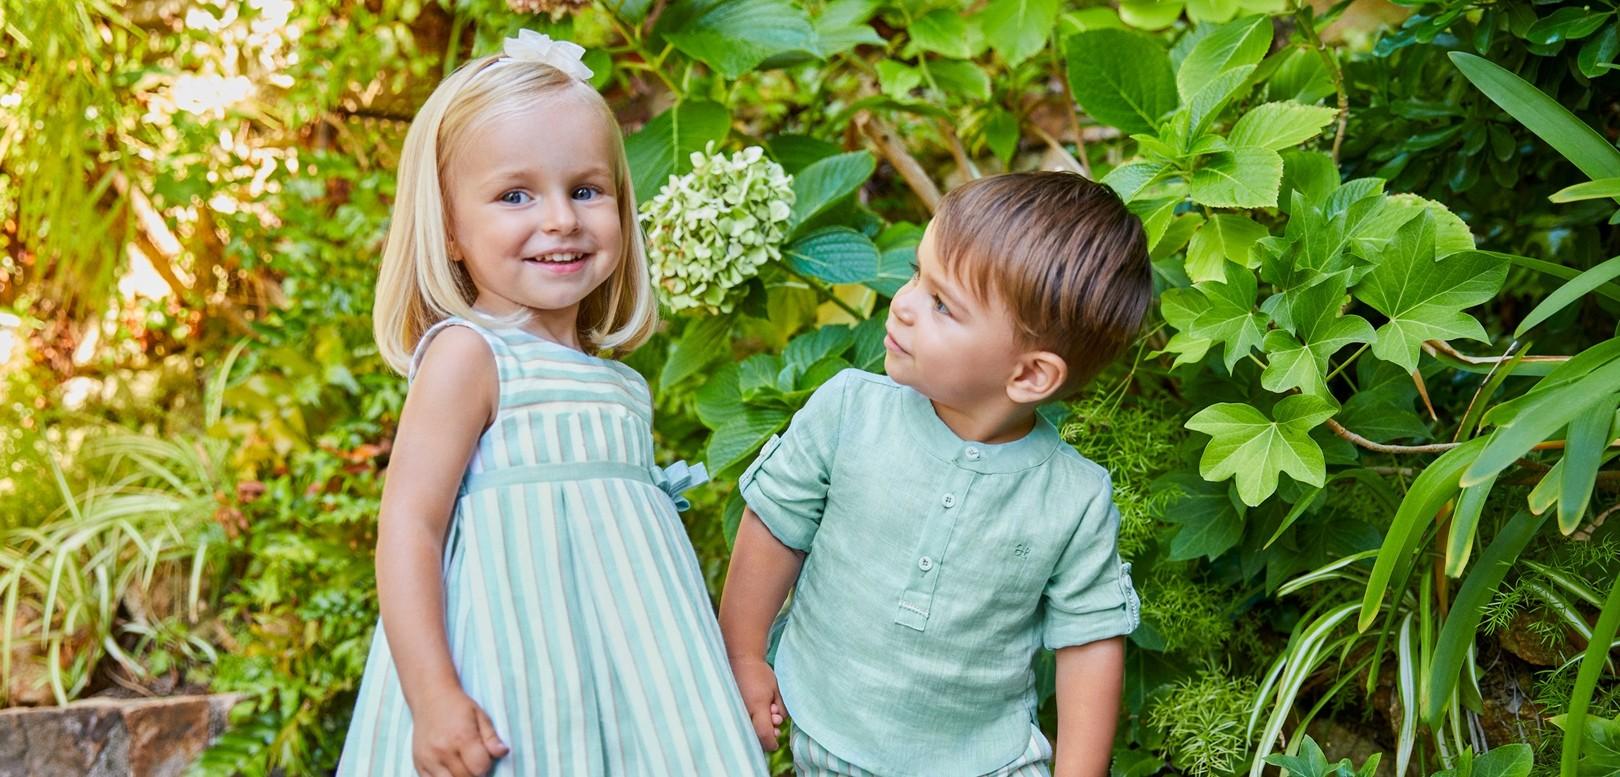 ABEL & LULA ✔️ Детска мода за момичета ᐉ Цени — Kidsfasion.bg